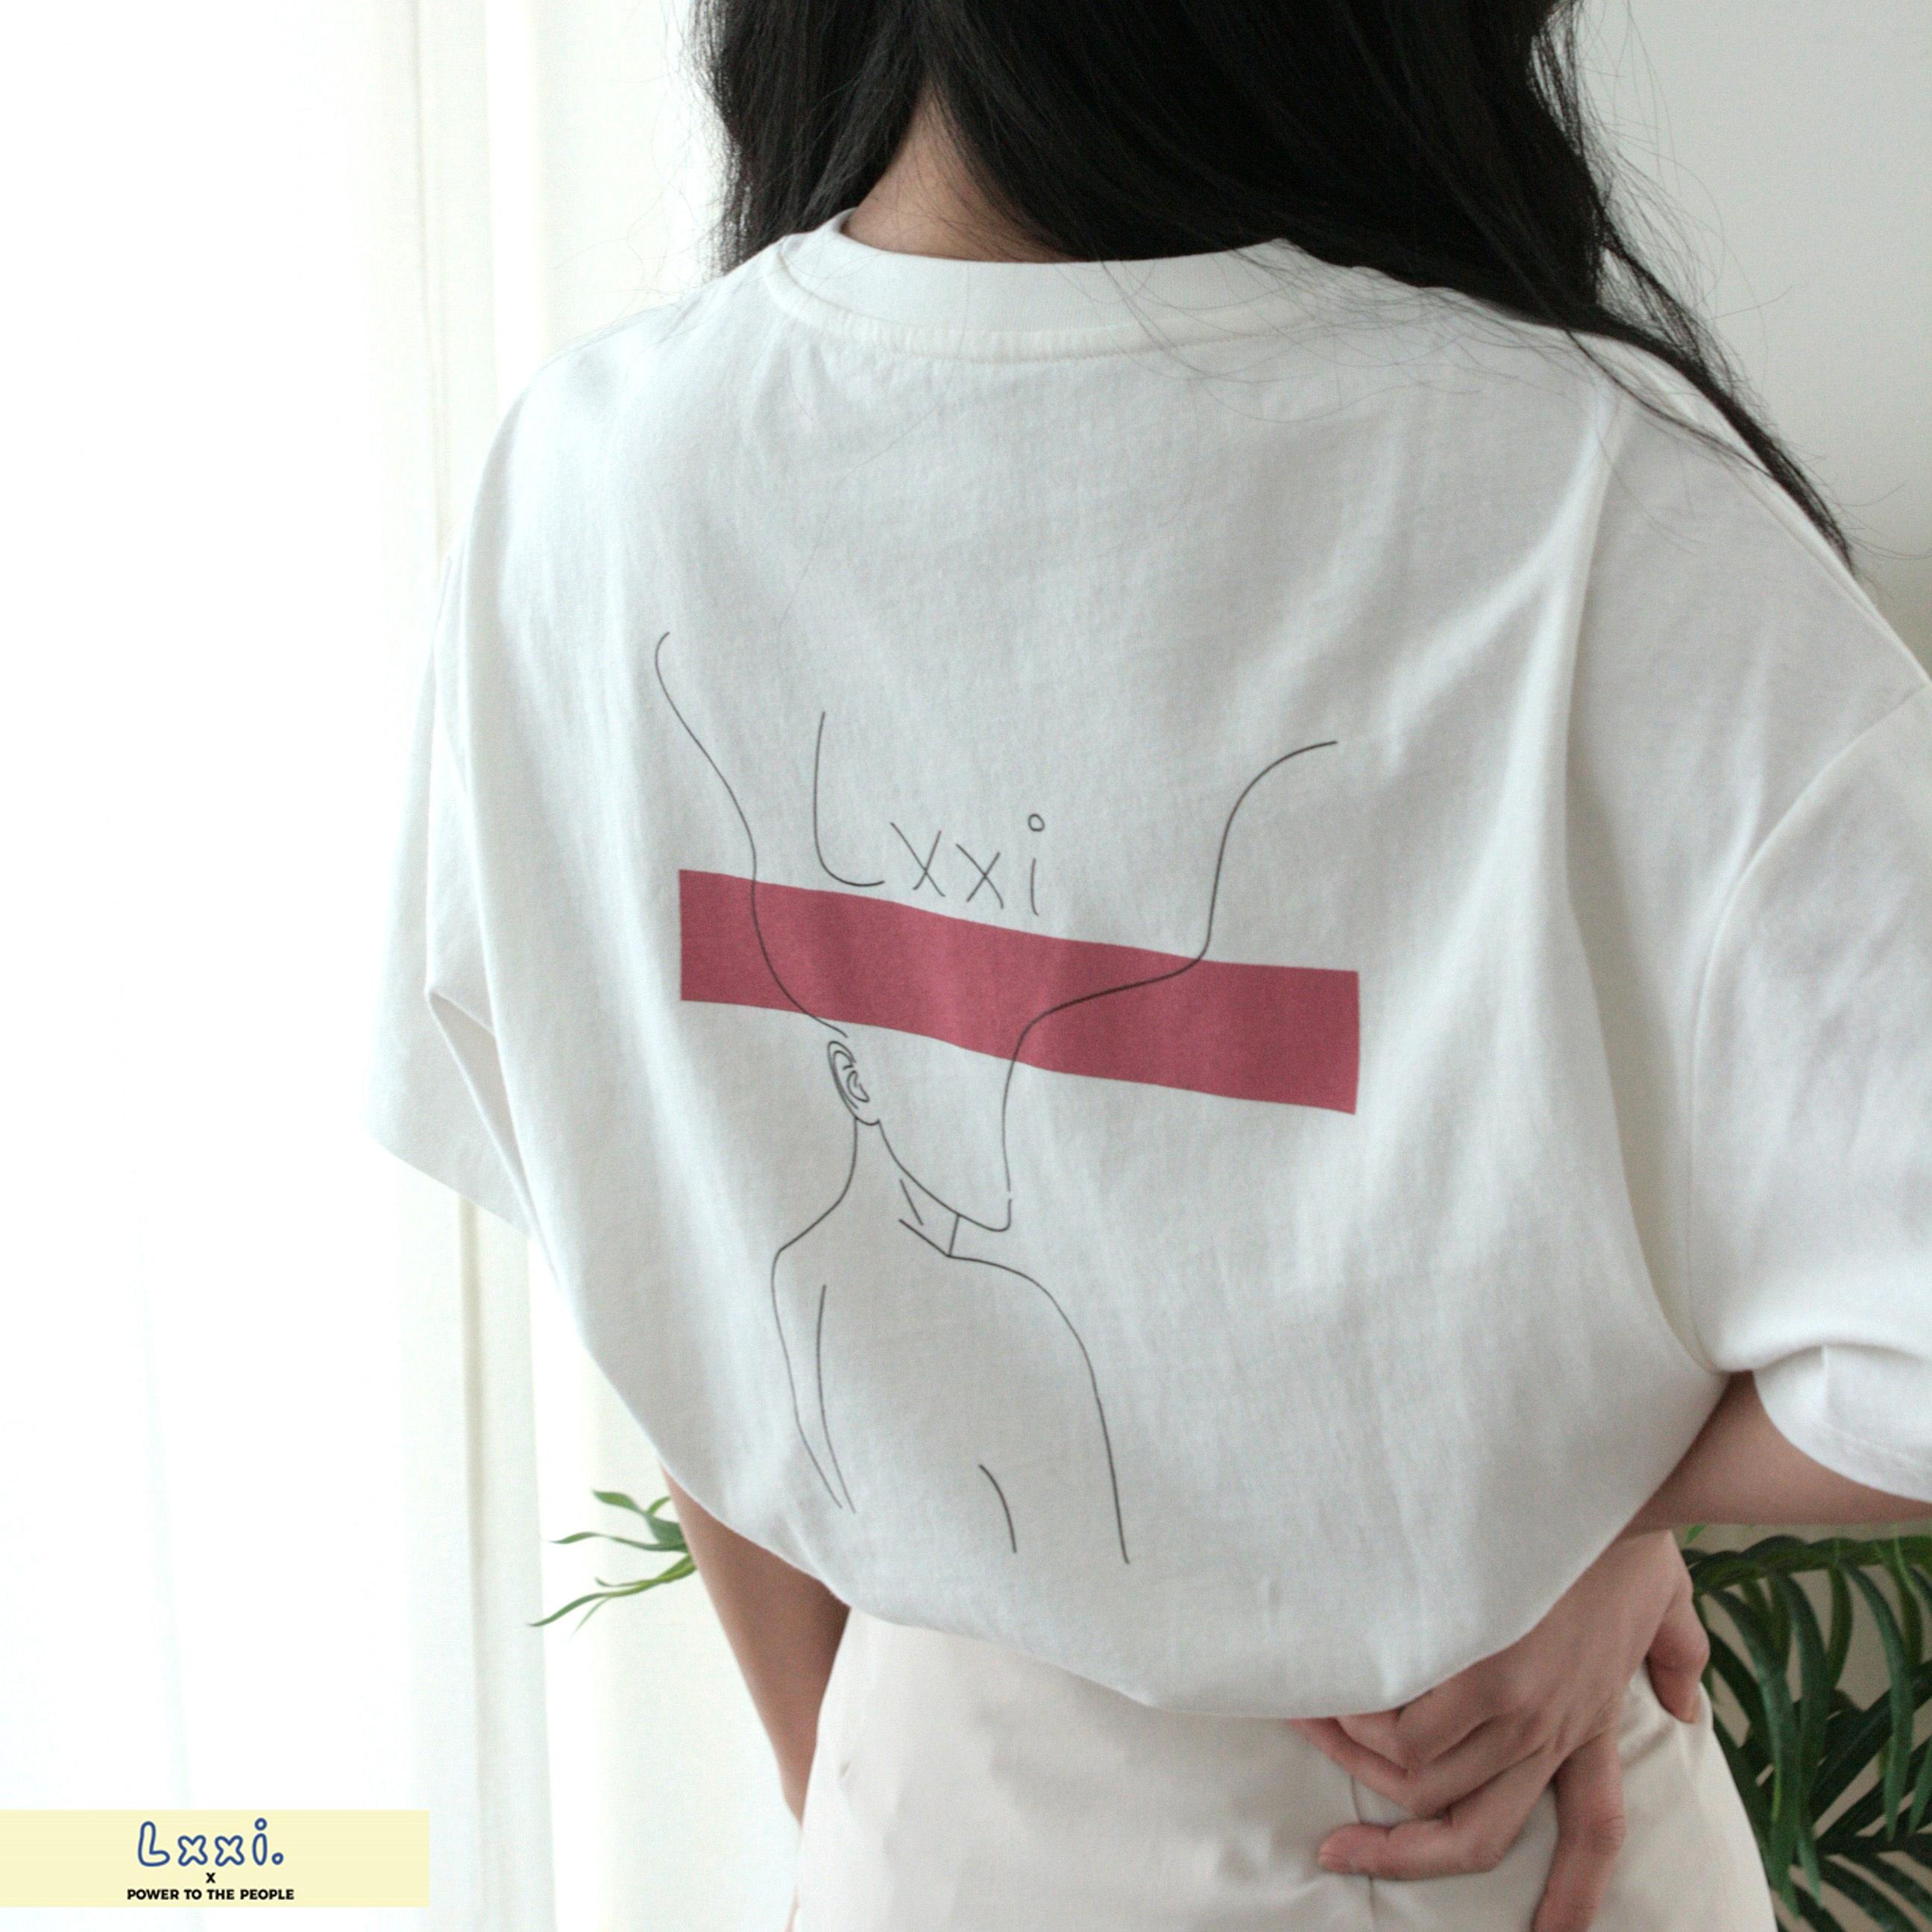 バックプリントオーバーシルエットTシャツ【Lxxi】 NO0512150